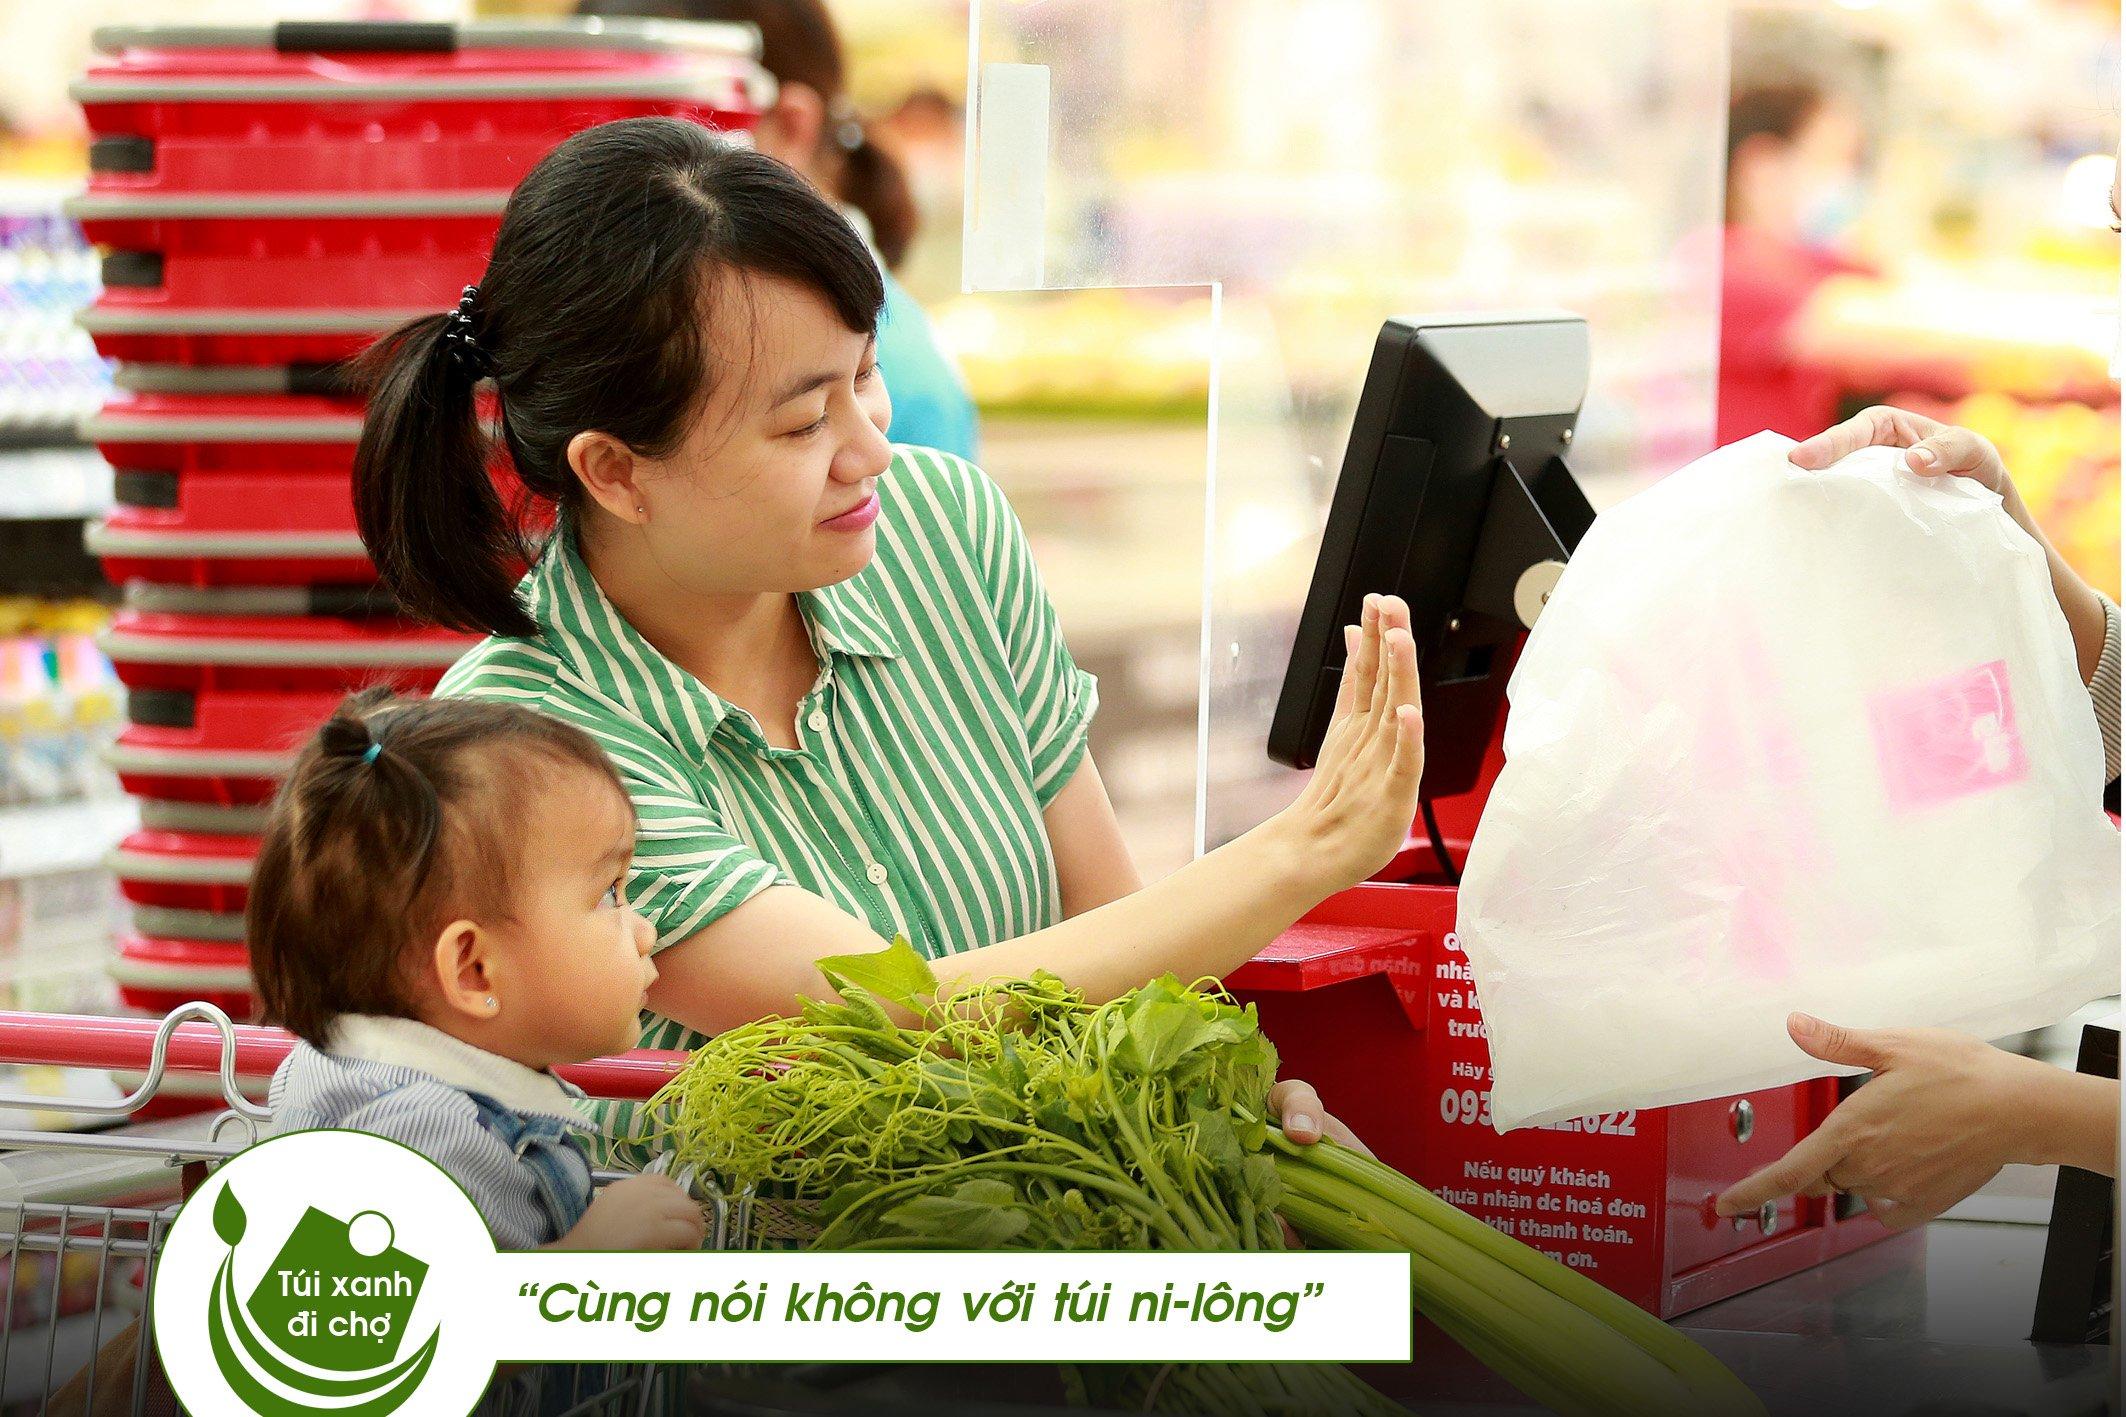 TOUCH: ''túi xanh đi chợ'' sẽ được thực hiện trên phương thức ''triển lãm trực tuyến''